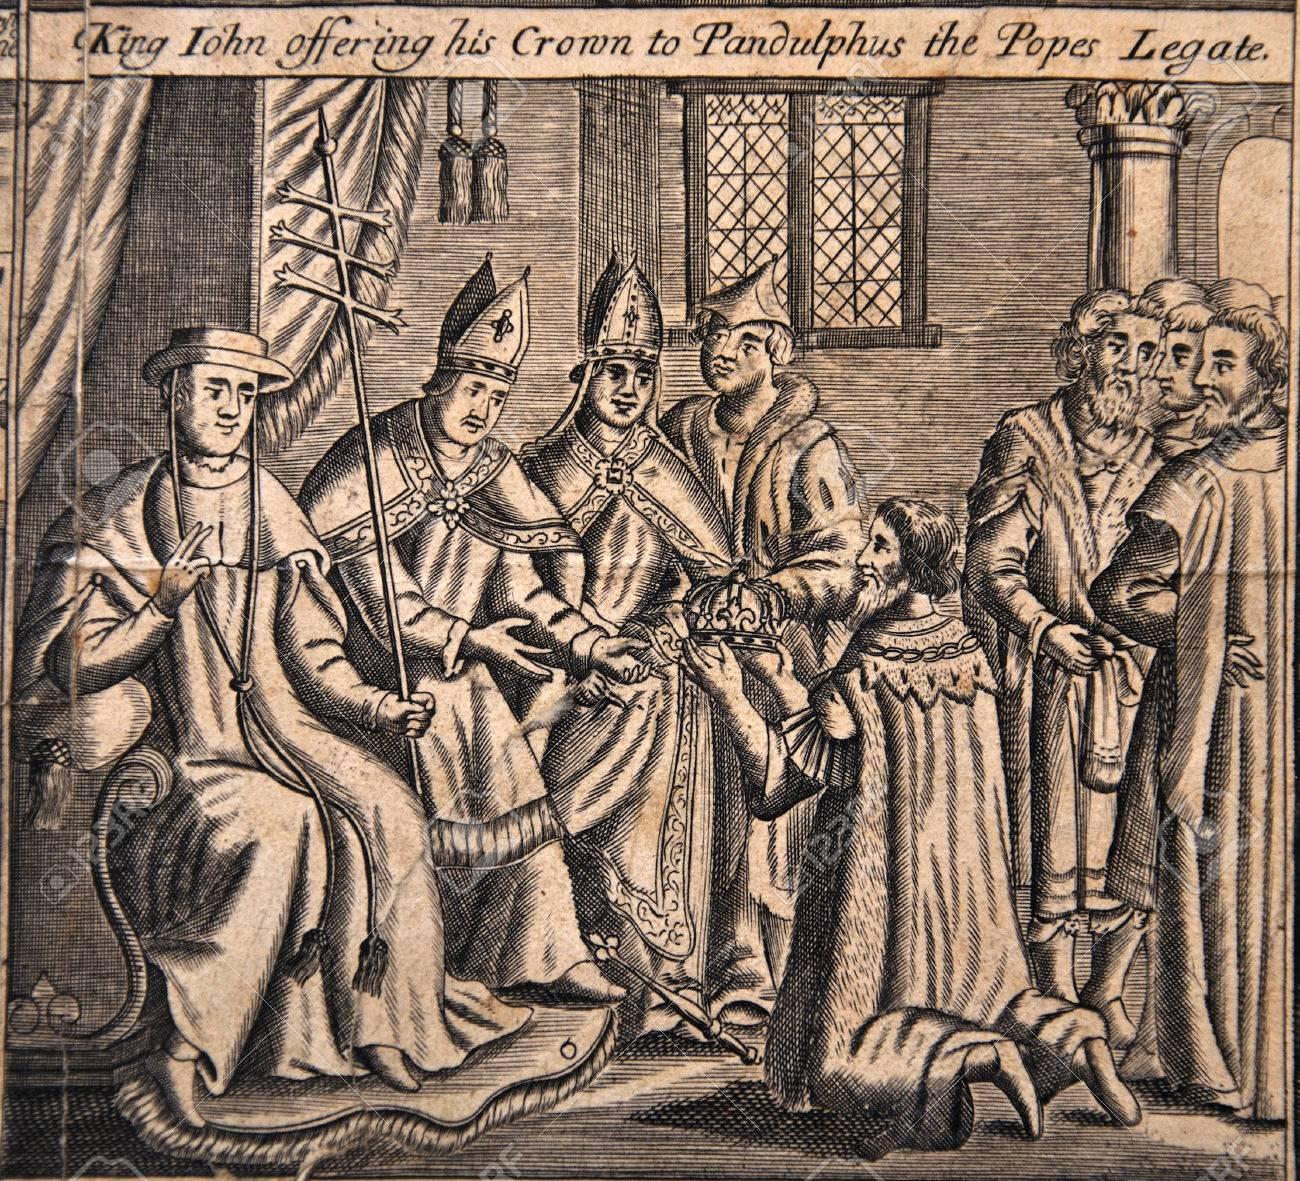 フォックスの本の殉教者、Pandulphus、教皇の特使を彼の王冠を提供して ...